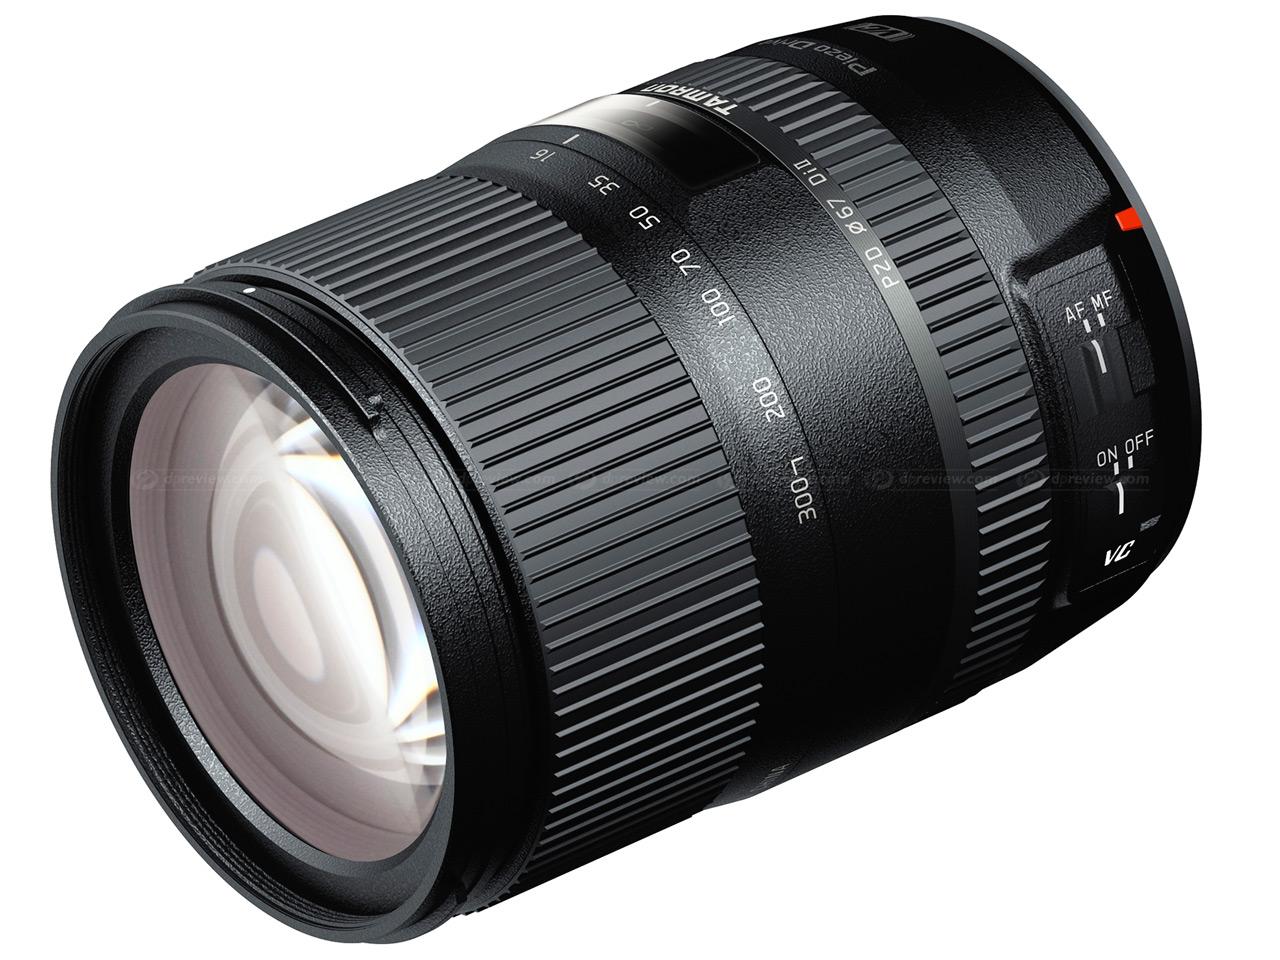 Nikon 18-300mm f/3.5-6.3 vs. Tamron 16-300mm f/3.5-6.3 Karşılaştırması